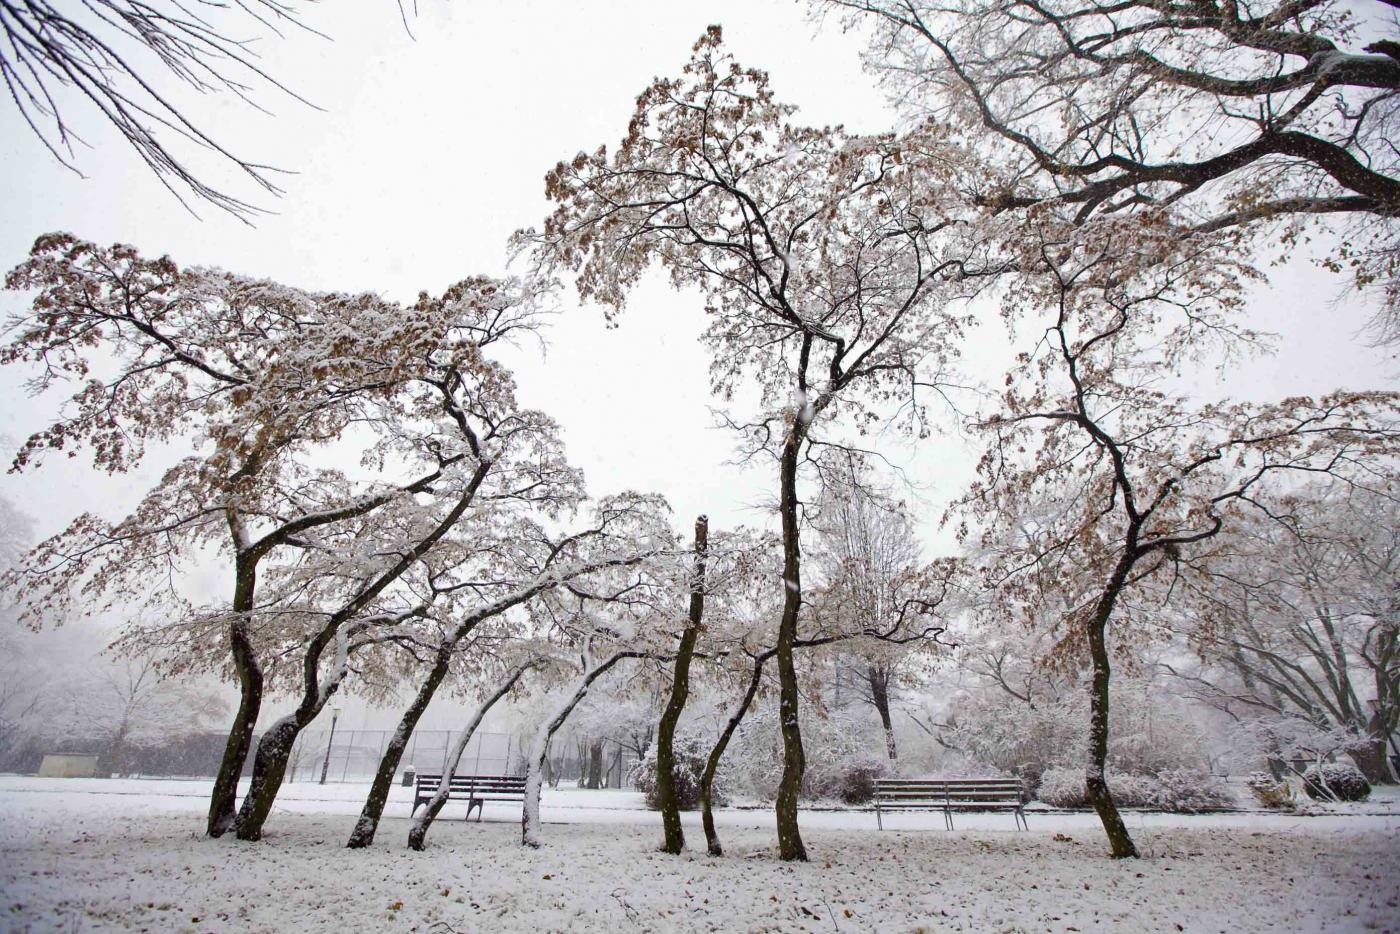 雪中即景_图1-3